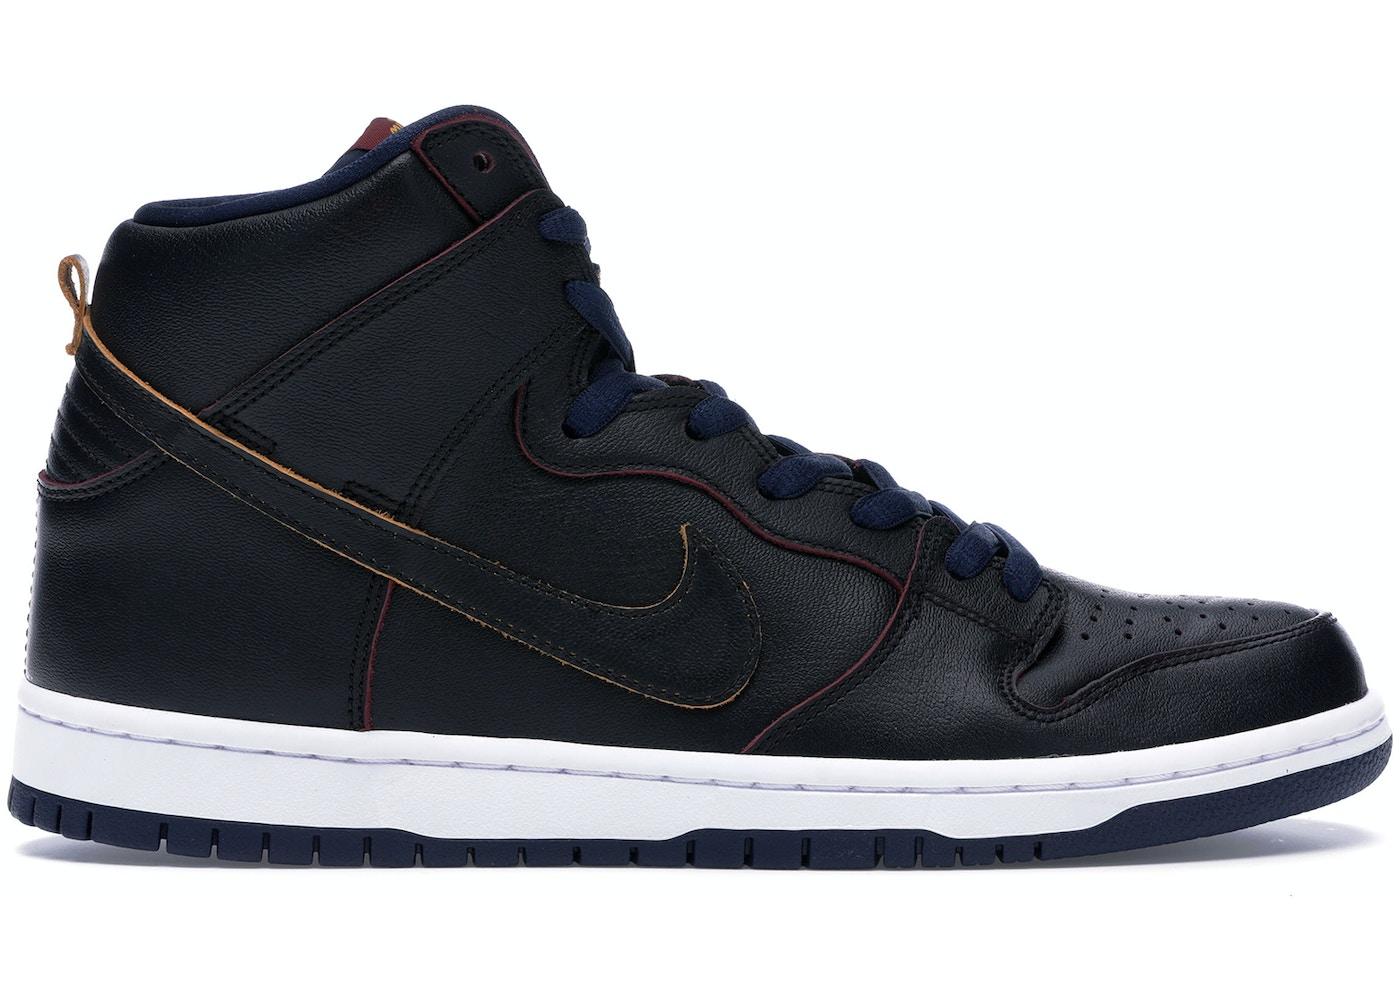 927ba7fdab61 Nike SB Dunk High NBA Cavs - BQ6392-001